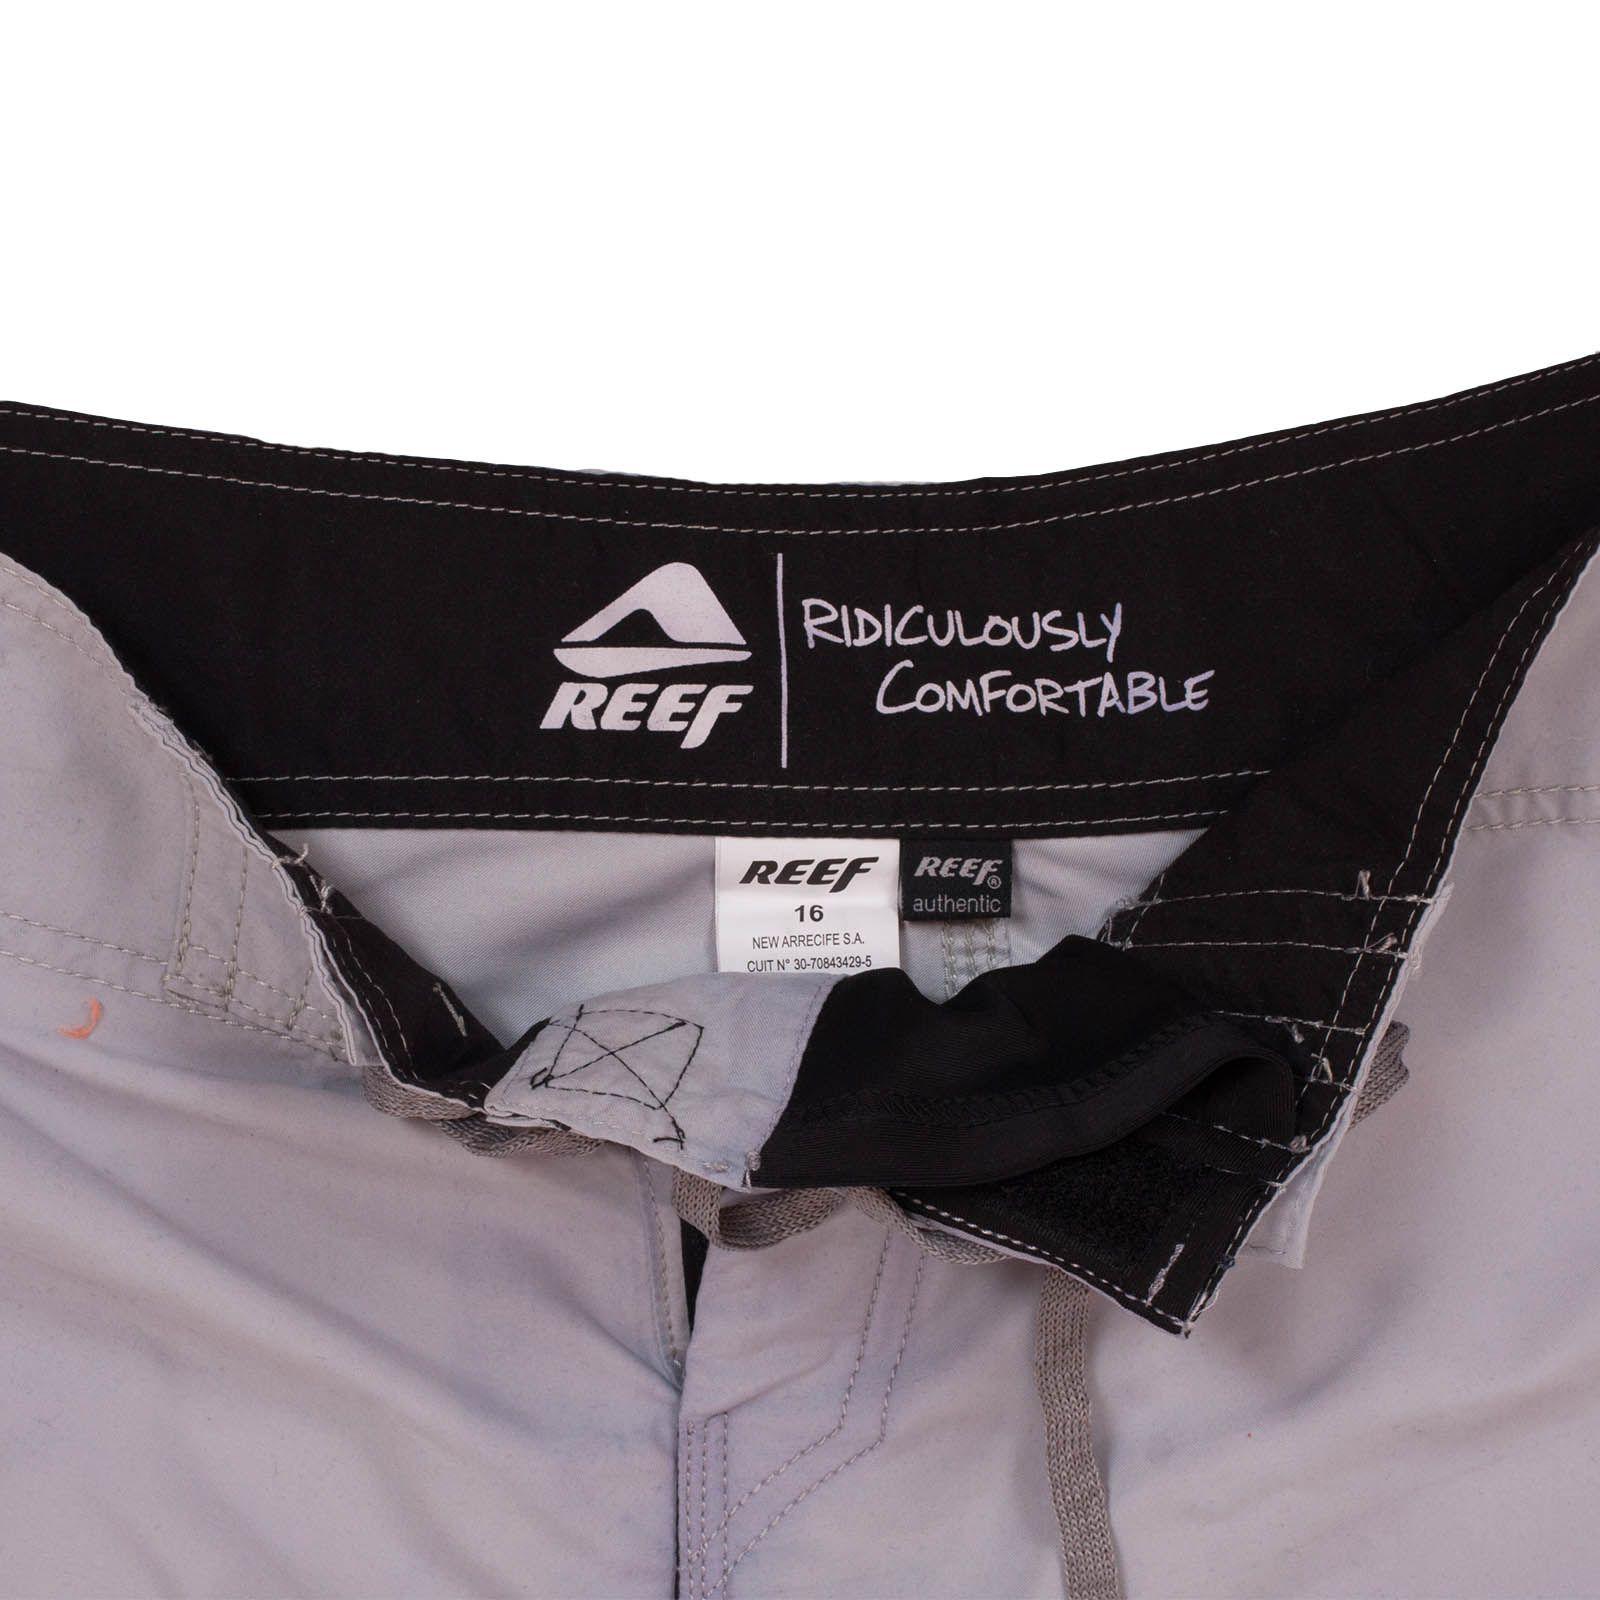 Легкие шорты Reef для подростков - ярлык